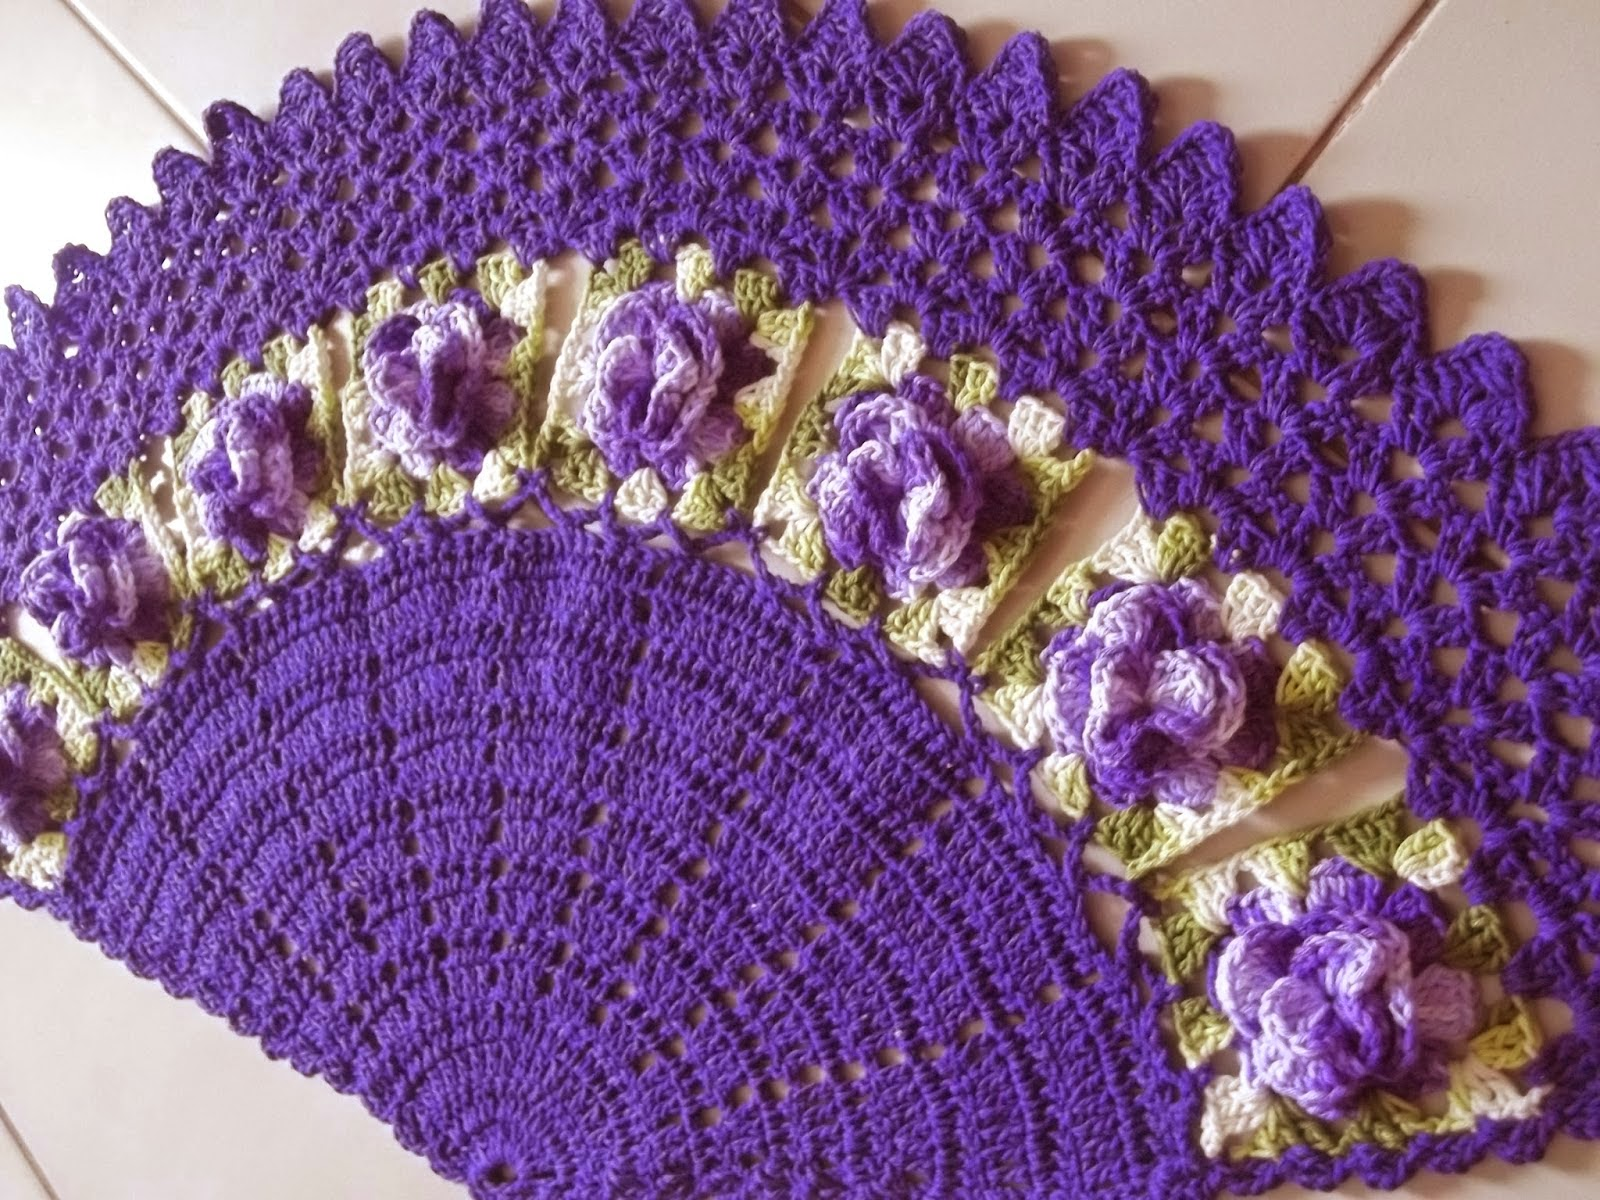 Jogo de banheiro on pinterest crochet rugs toilet seat for Tapetes de crochet